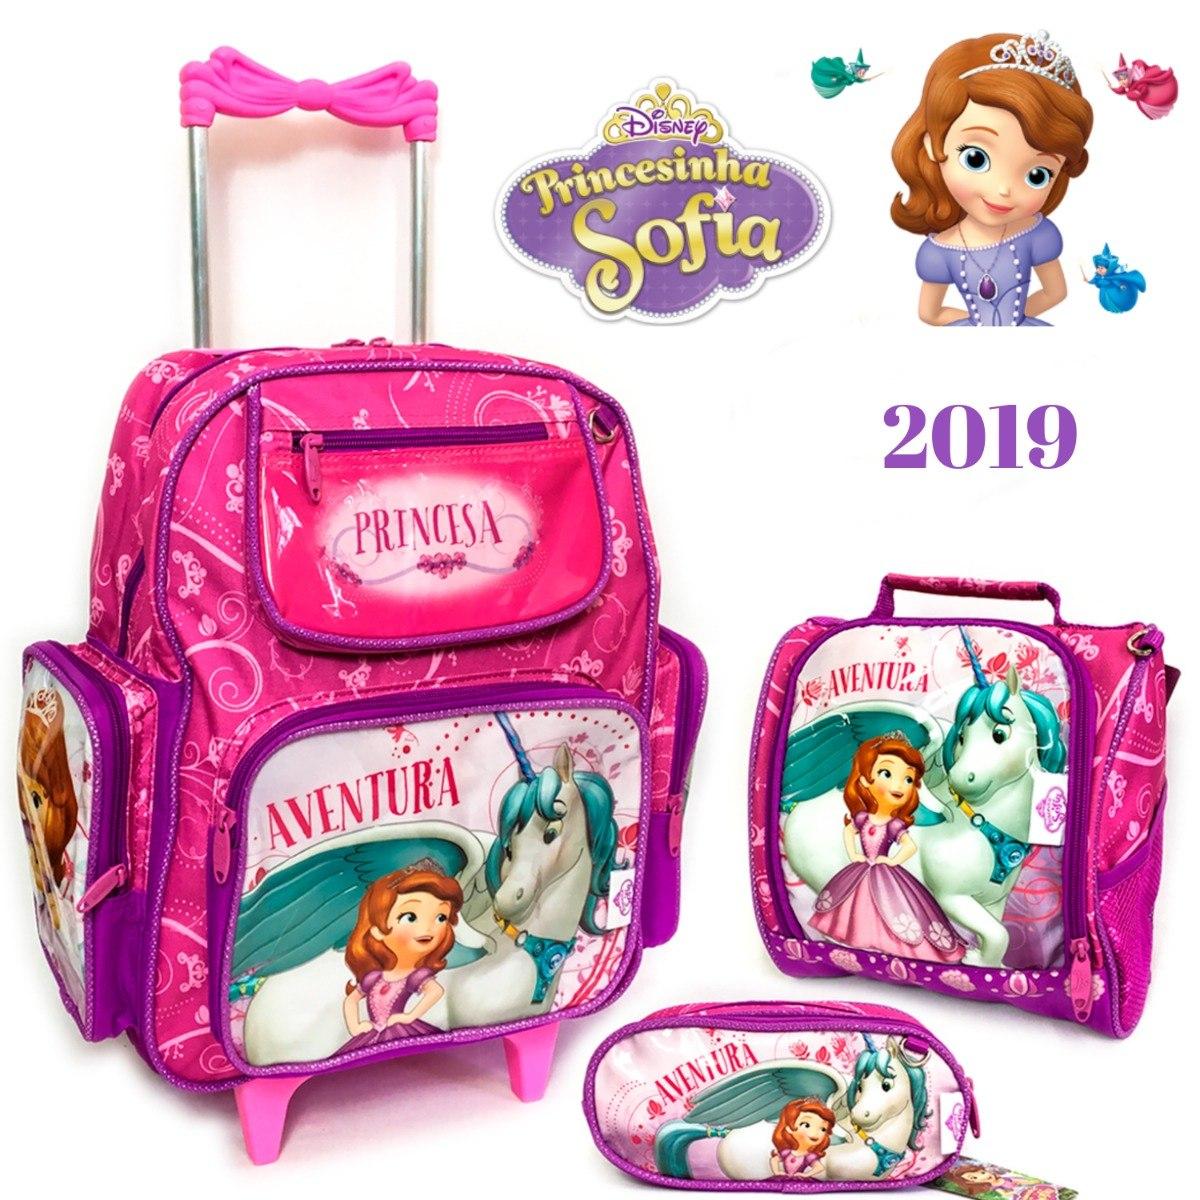 f3133c01e kit escolar menina princesa sofia mochila lancheira estojo. Carregando zoom.